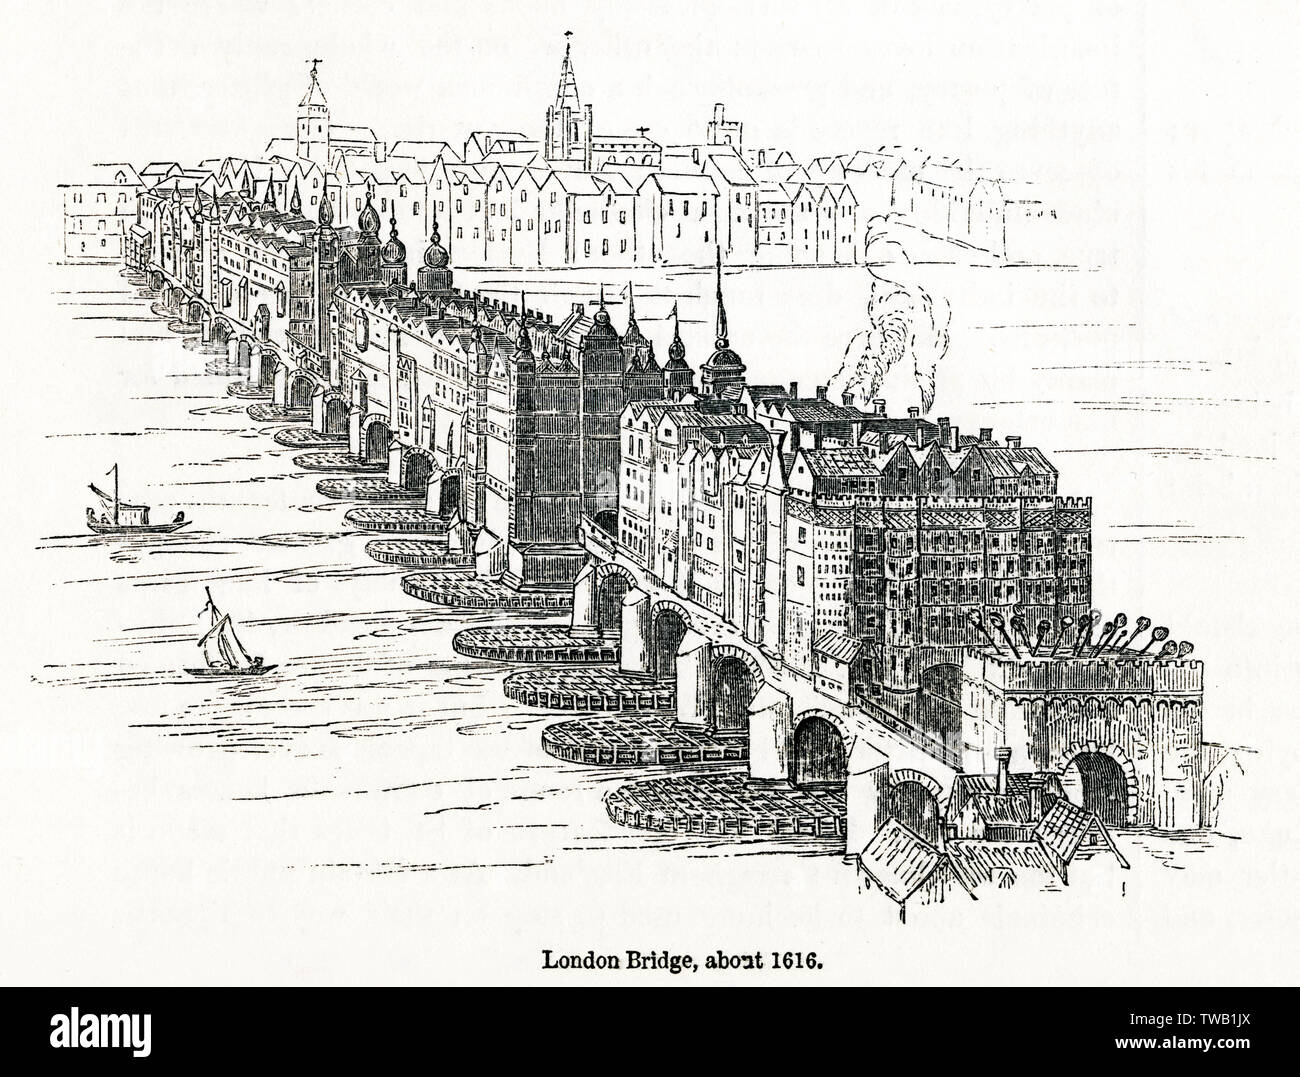 Alte London Bridge, die die Southwark Torhaus mit pfennigabsatz Staats ausgeführt Verbrecher. Datum: ca. 1616 Stockfoto